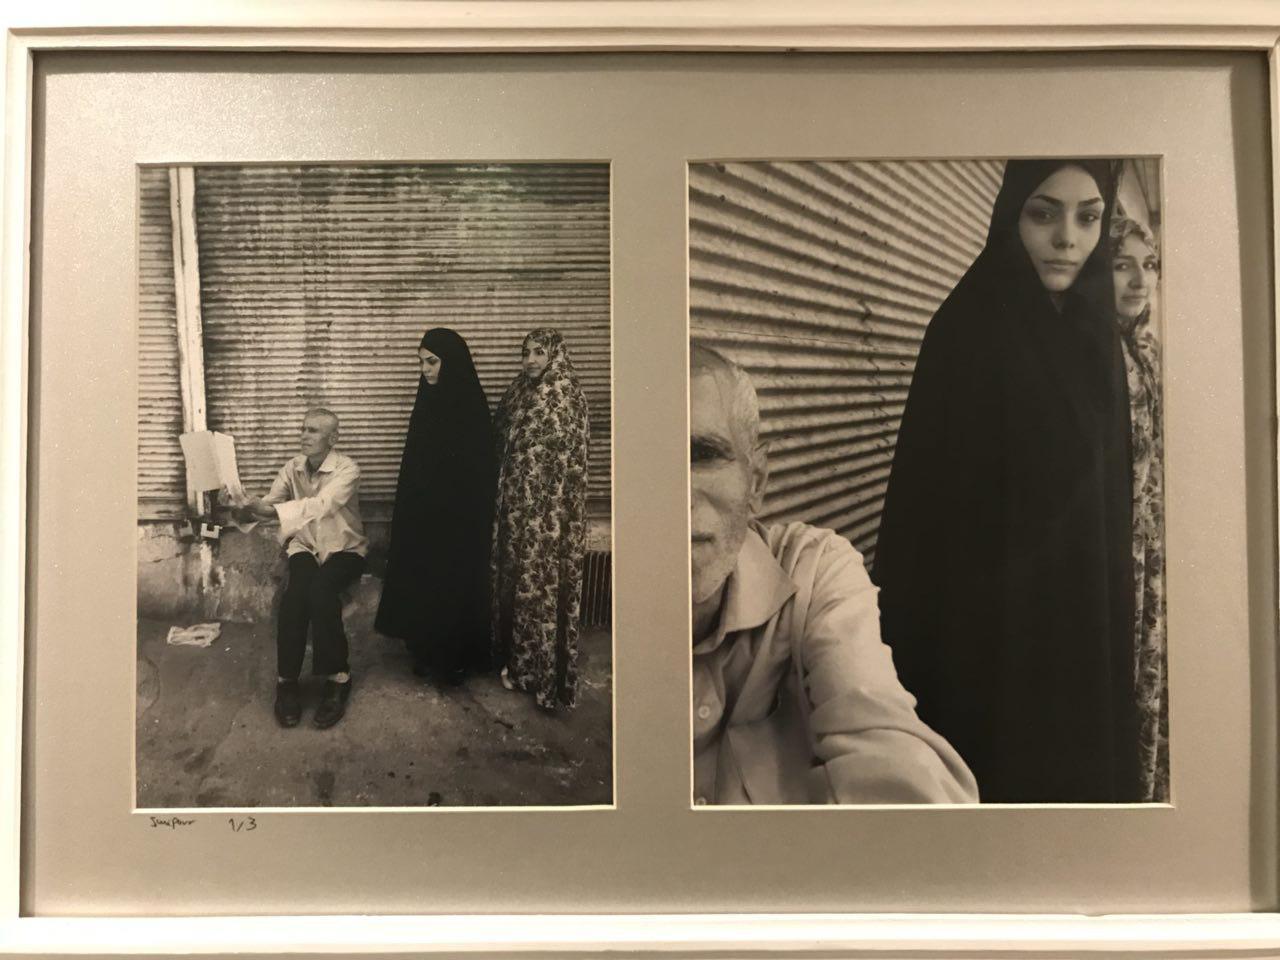 سلفی نابلدان - حمید جانیپور